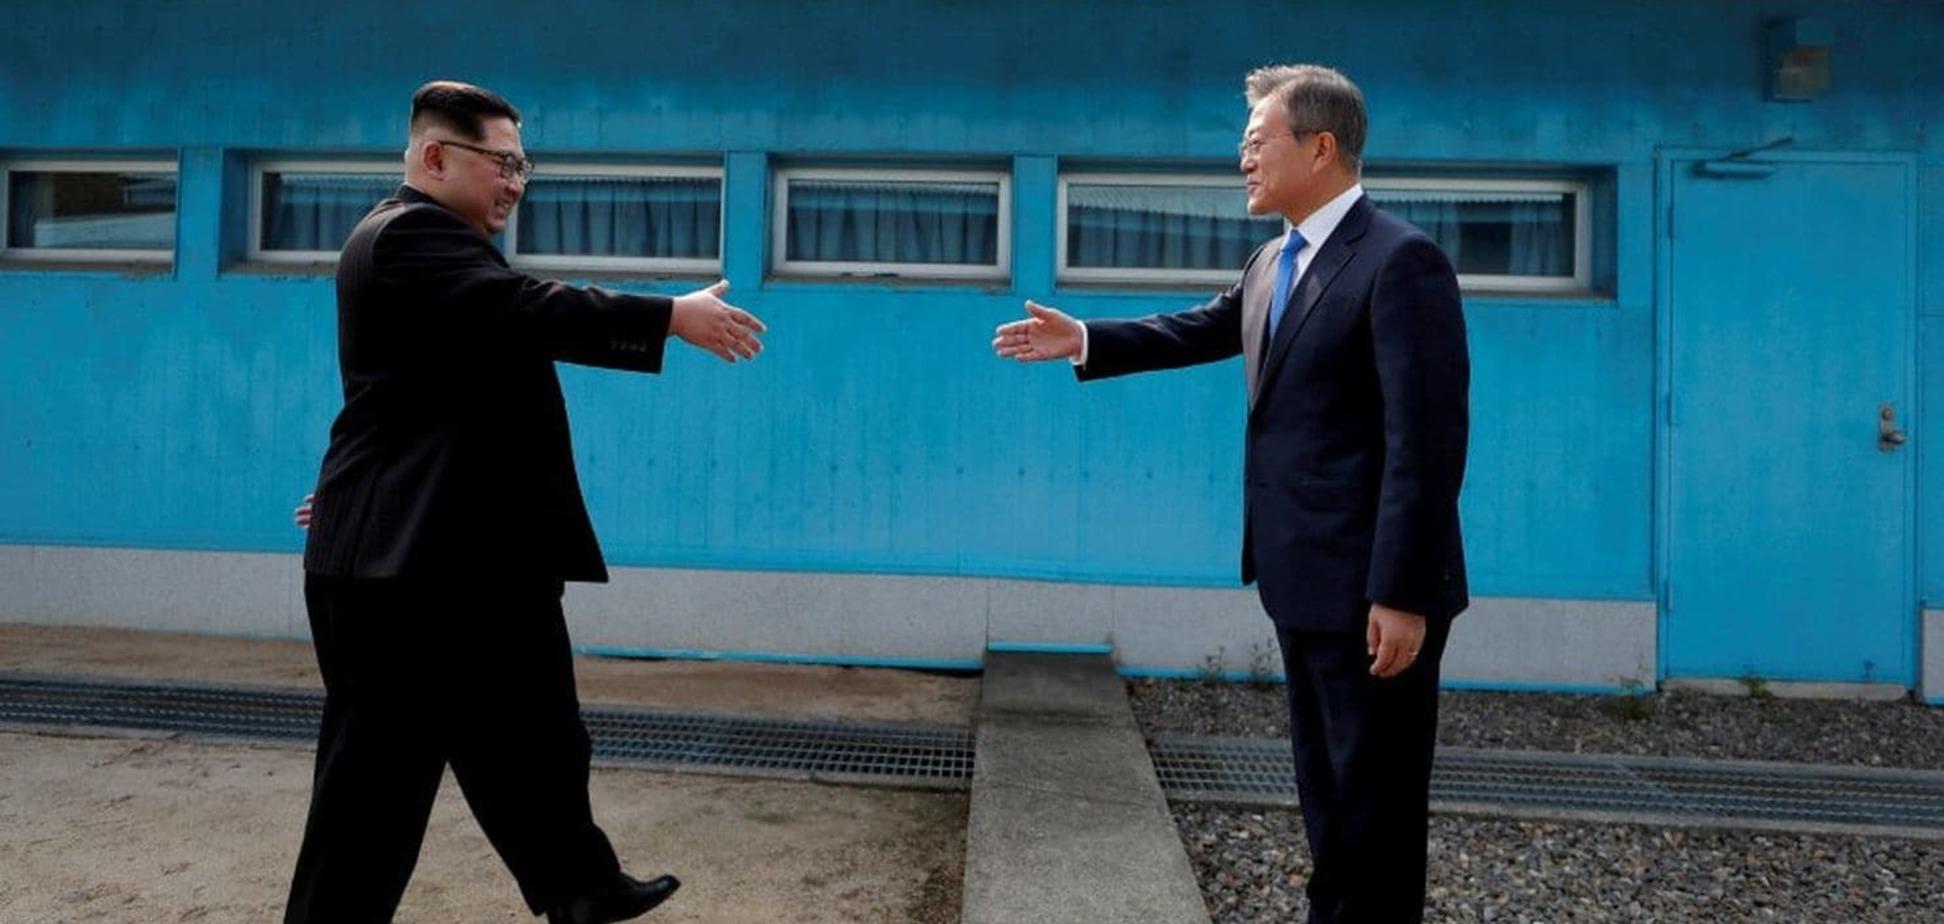 Дело в ботинках: эксперты узнали реальный рост Ким Чен Ына